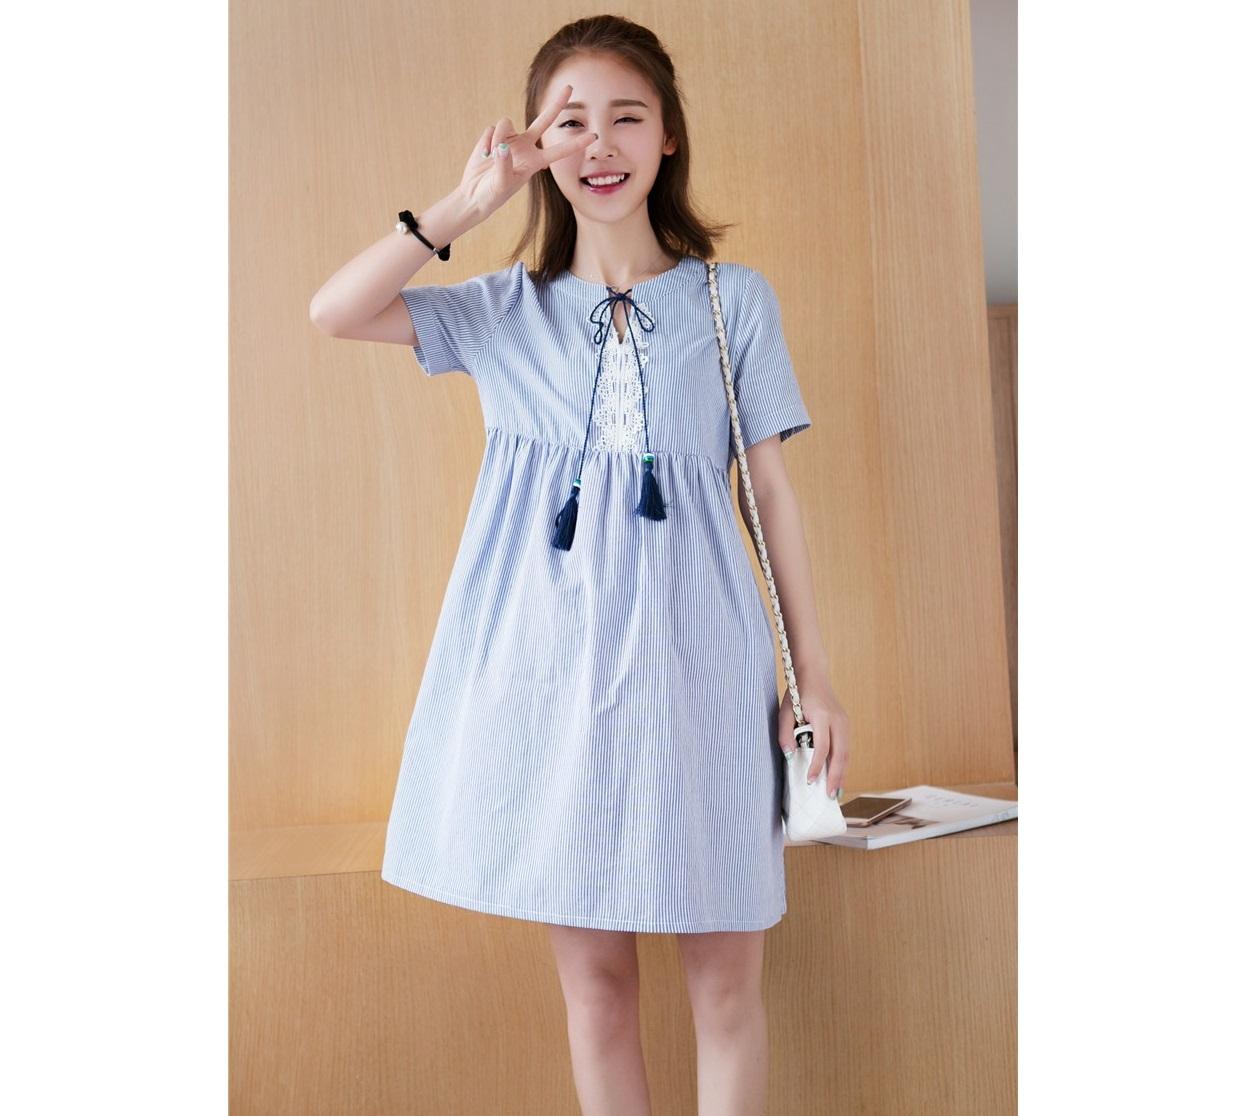 เดรสคลุมท้องผ้าคอตตอลสีกรมลายเส้น คอแหวกแต่งผ้าลูกไม้สีขาว มีเชือกเป็นพู่ผูกแต่งคอ